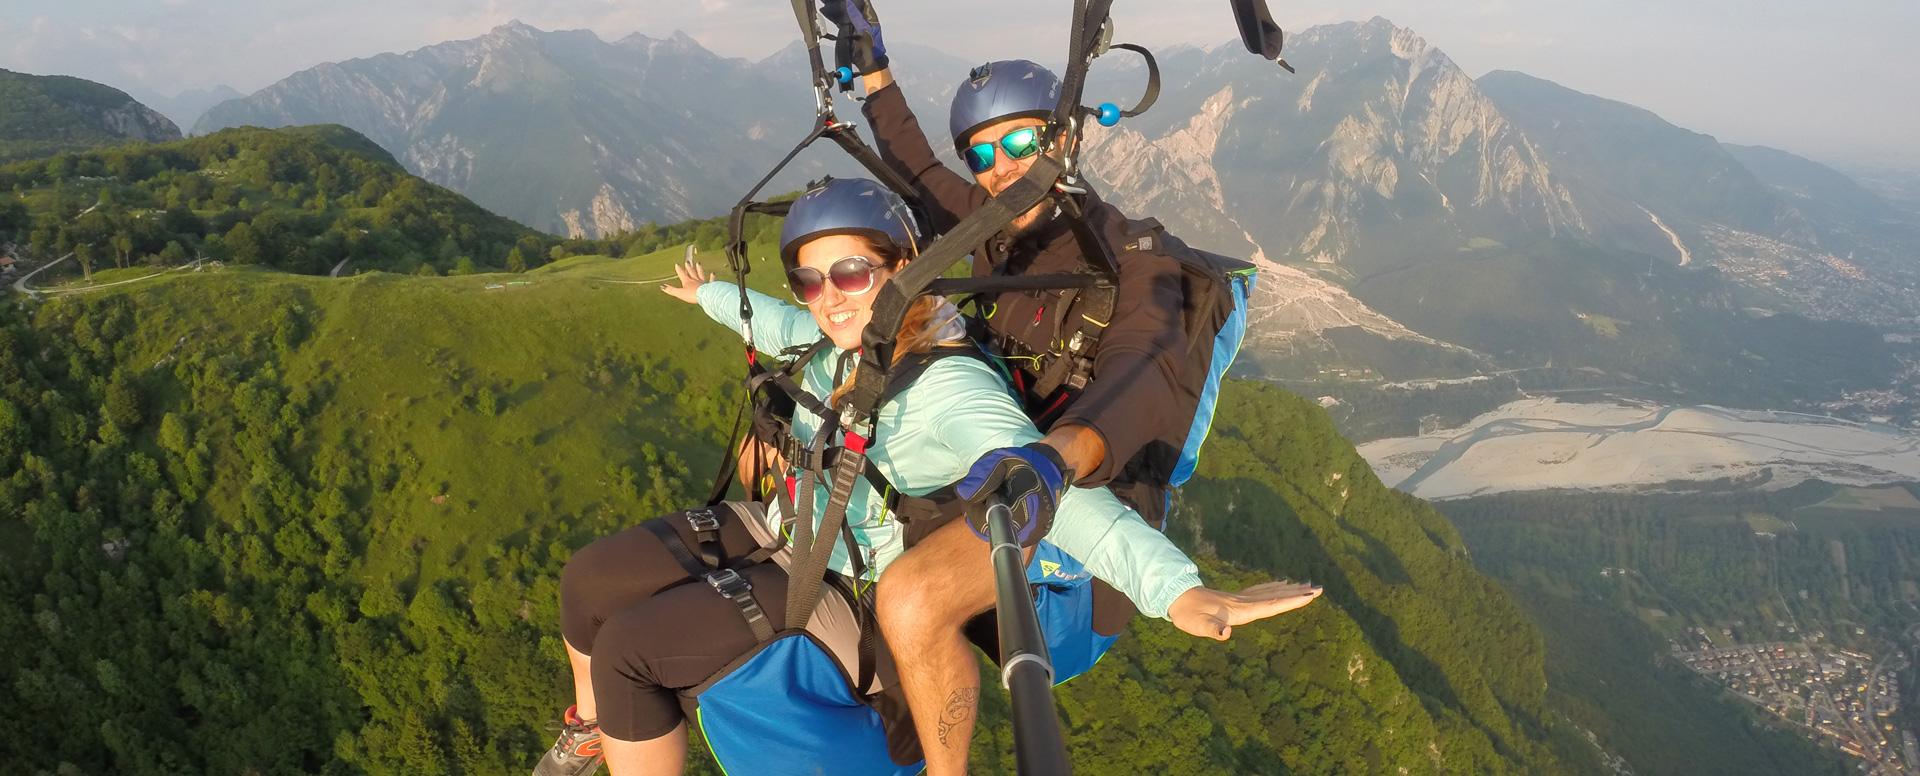 Voli in tandem biposto parapendio e deltaplano in Friuli Venezia Giulia